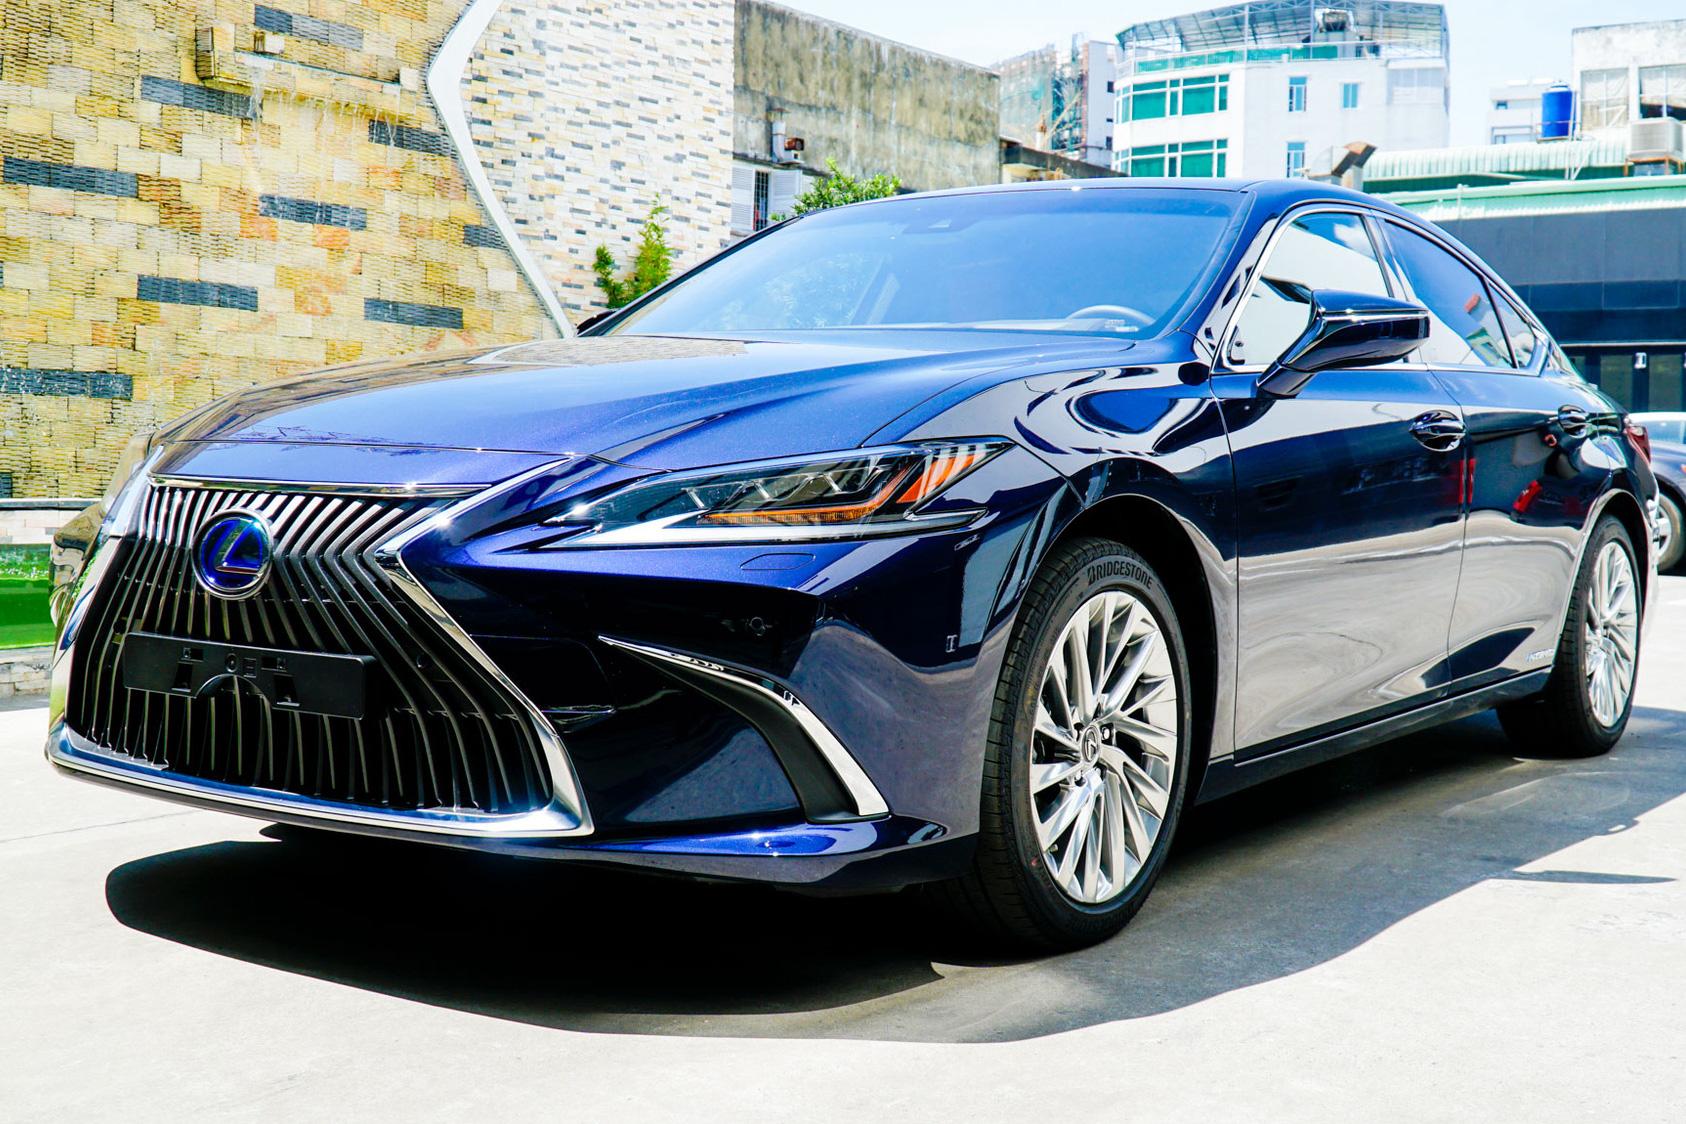 Lexus ES 2021 ra mắt Việt Nam: Thêm 2 tính năng, chưa có dẫn động bốn bánh, giá từ 2,54 tỷ đồng, cạnh tranh E-Class